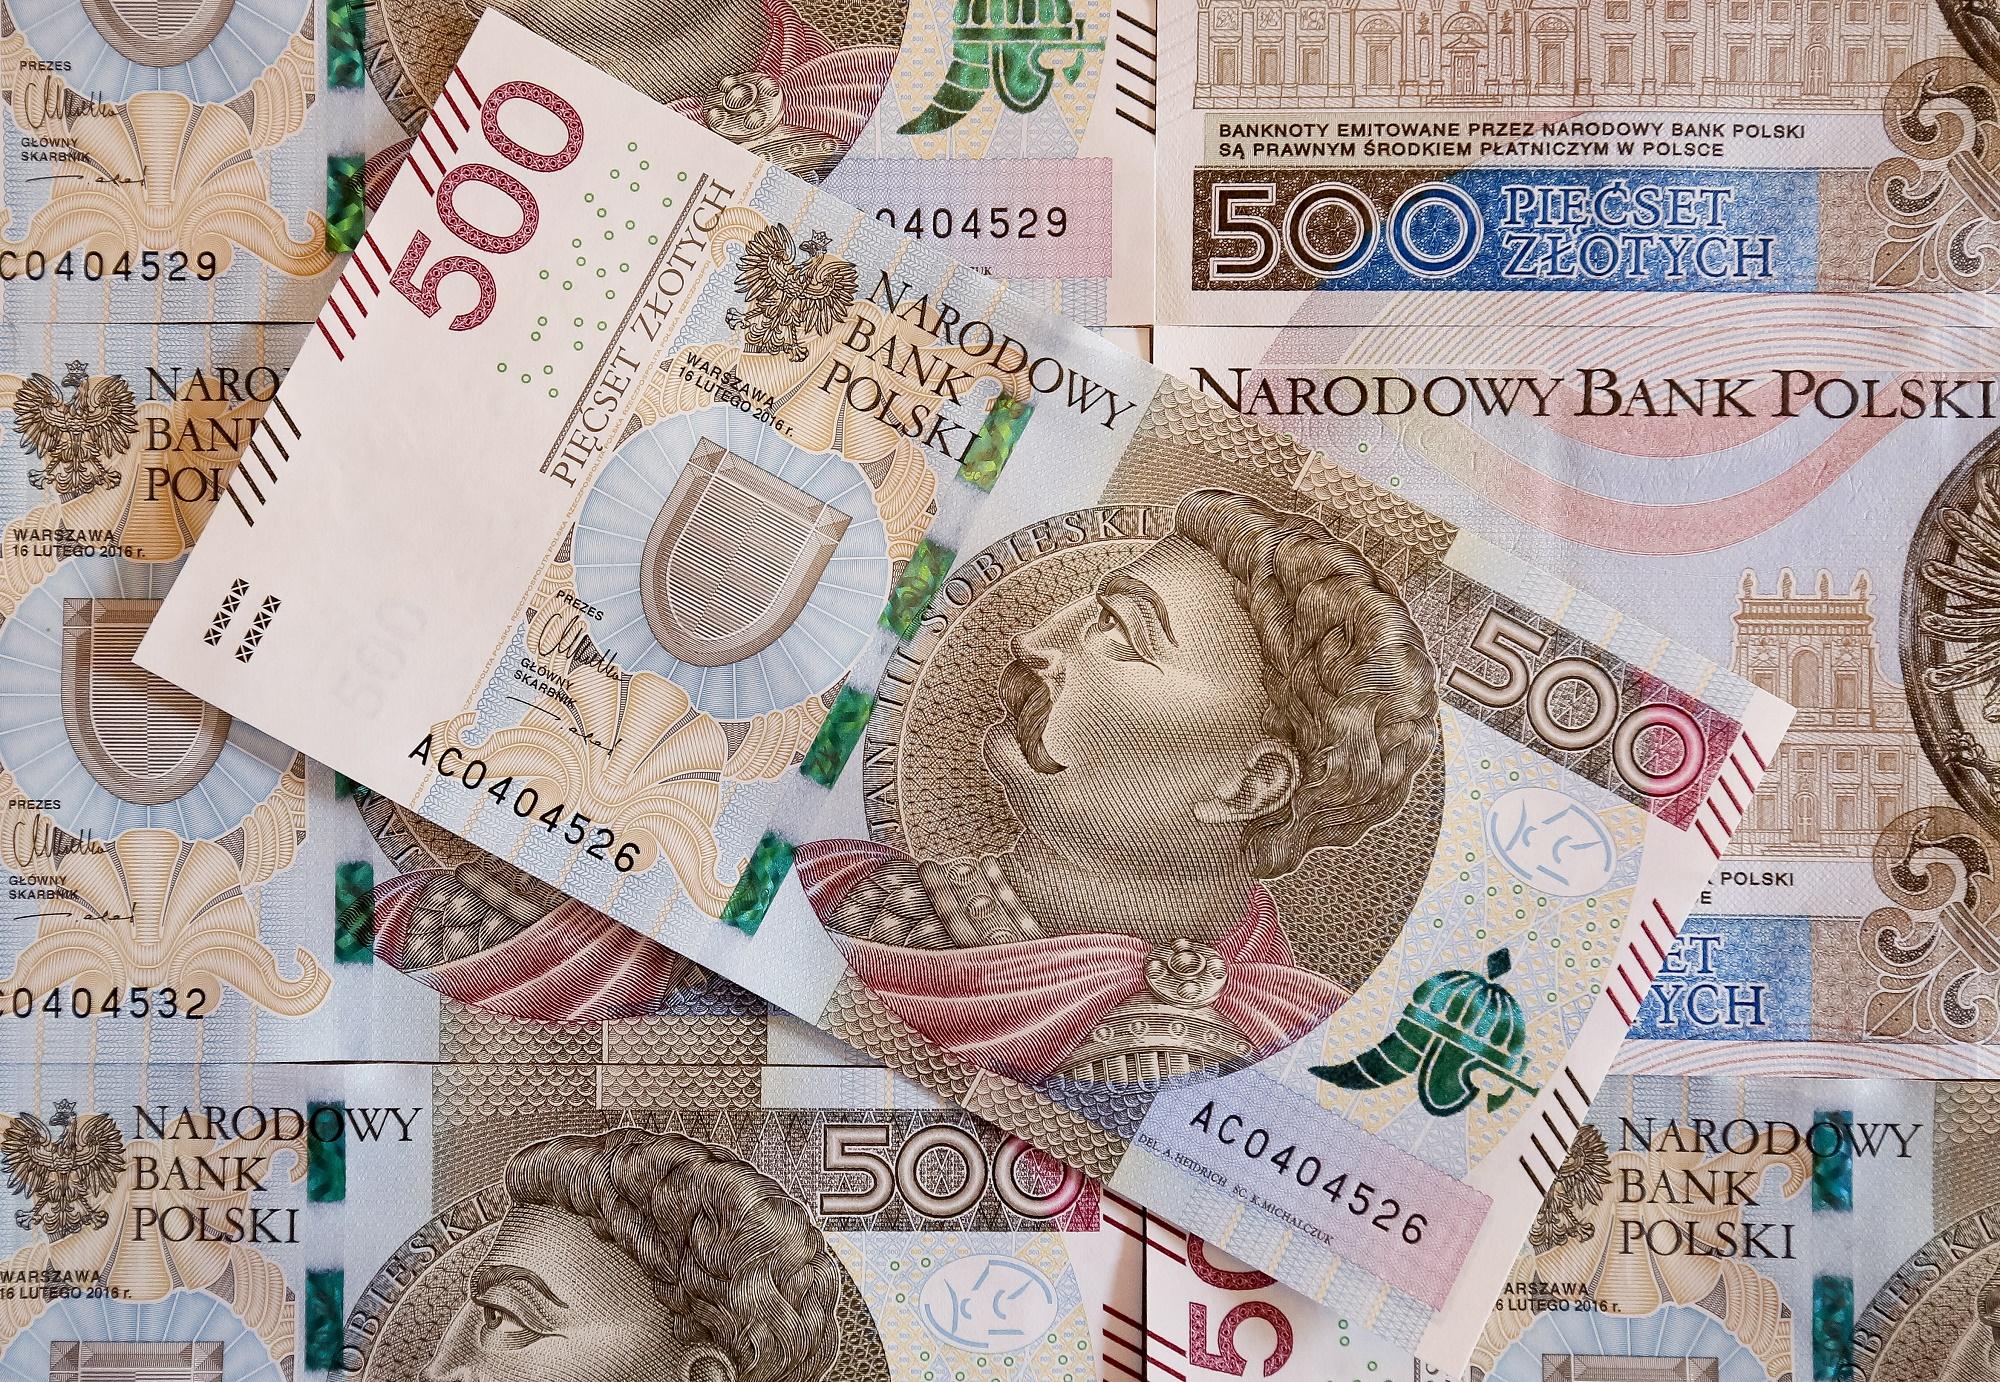 30 Zloty Euro